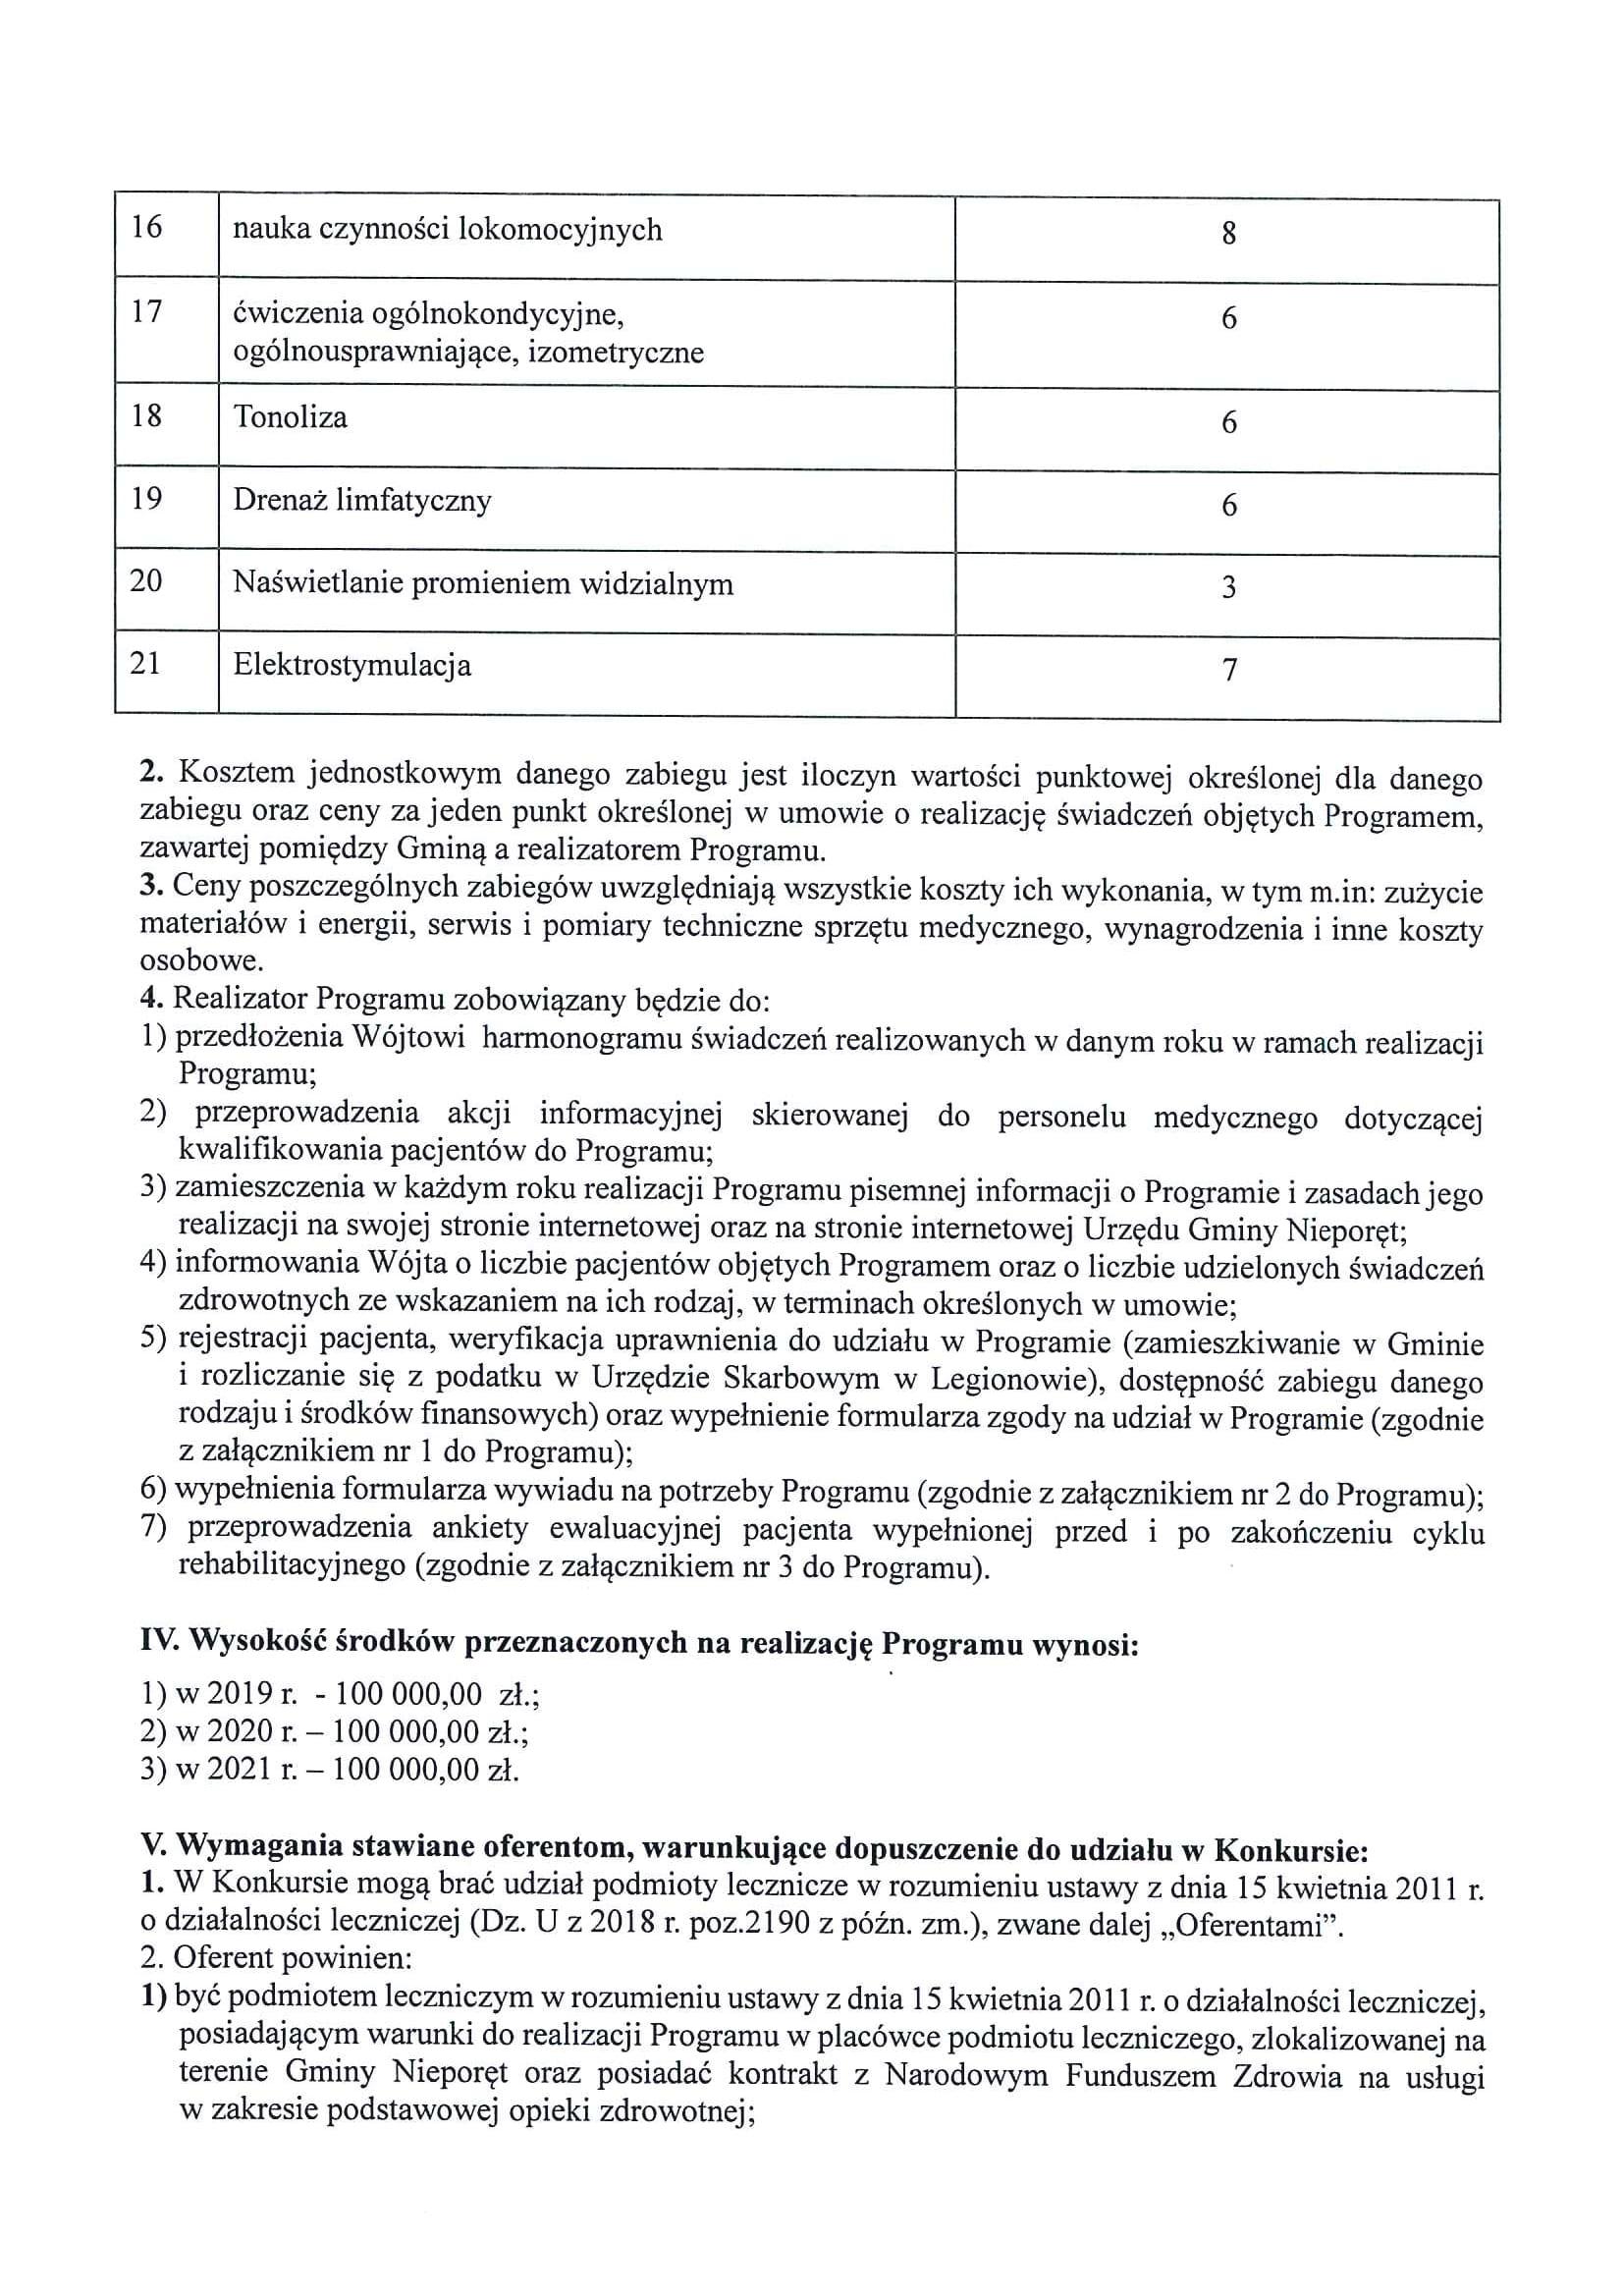 zarza.183.2019-04